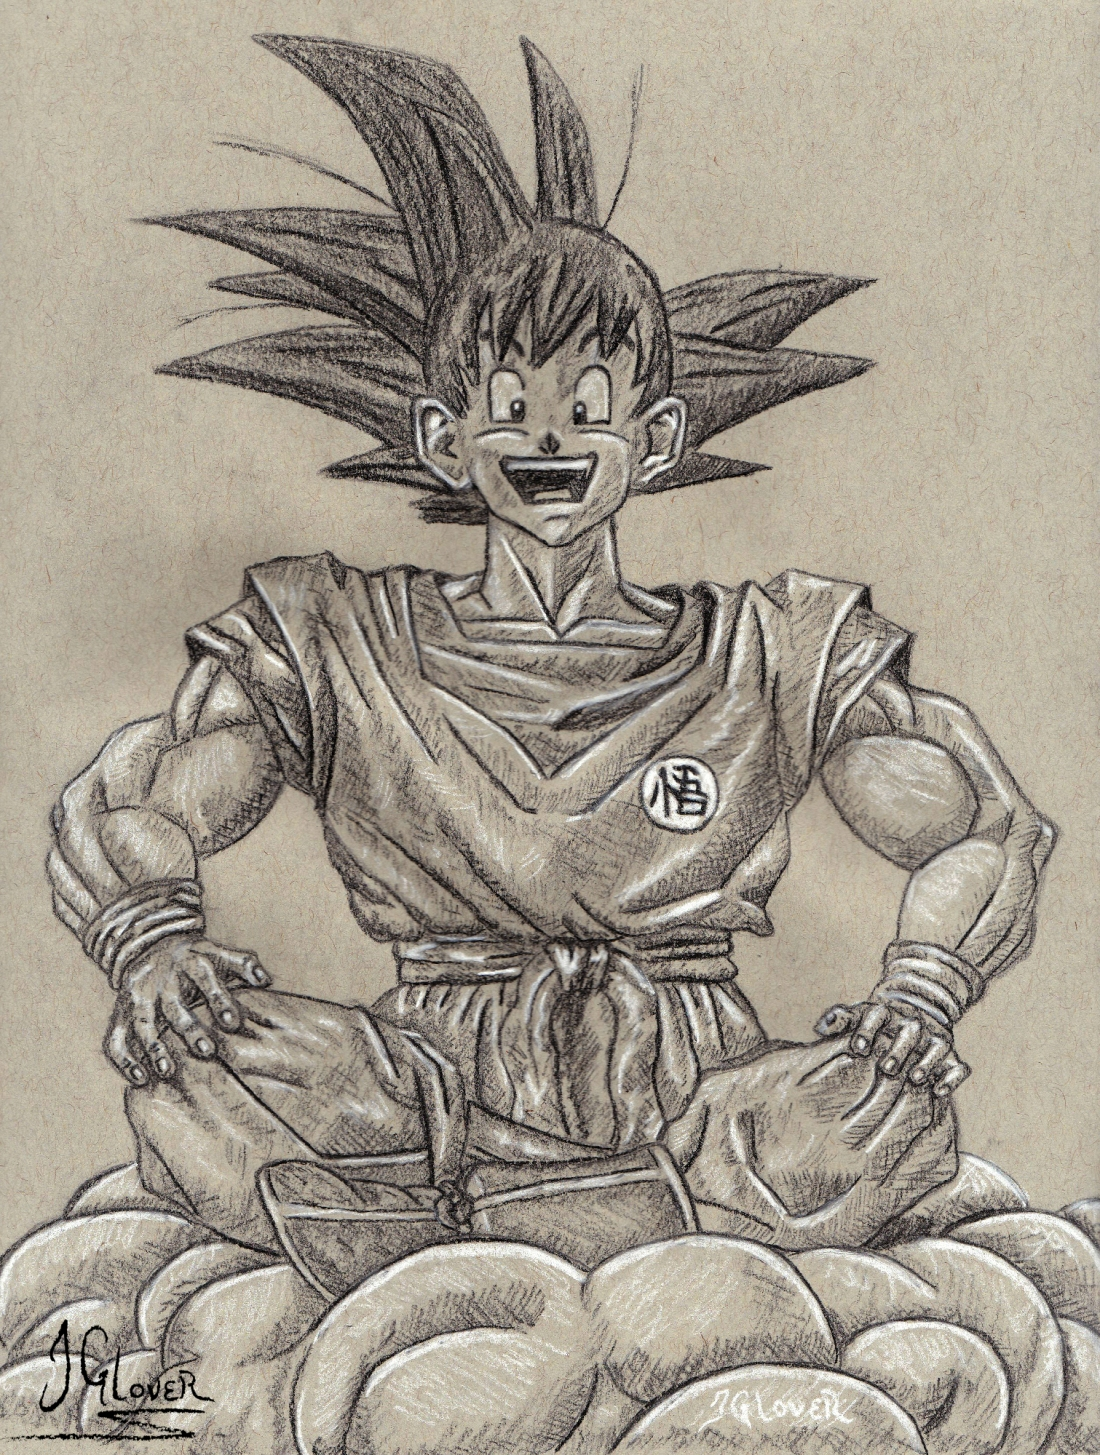 Kakarot - Son - Goku - Charcoal Drawing - Illustration - Dragon Ball Art